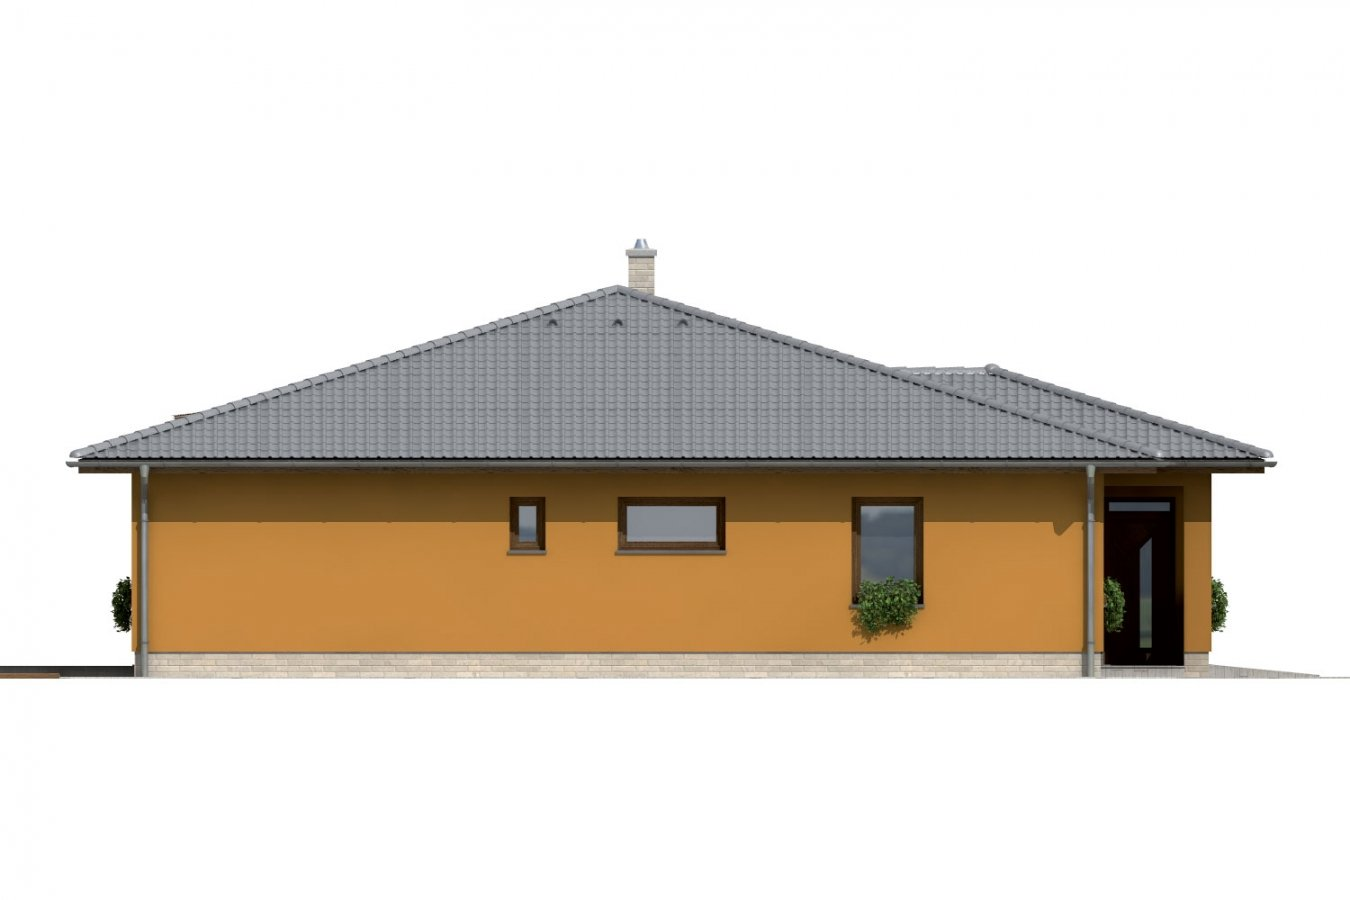 Pohľad 2. - Dom so stanovou strechou a presvetlenou obývacou izbou so strešnými oknami.